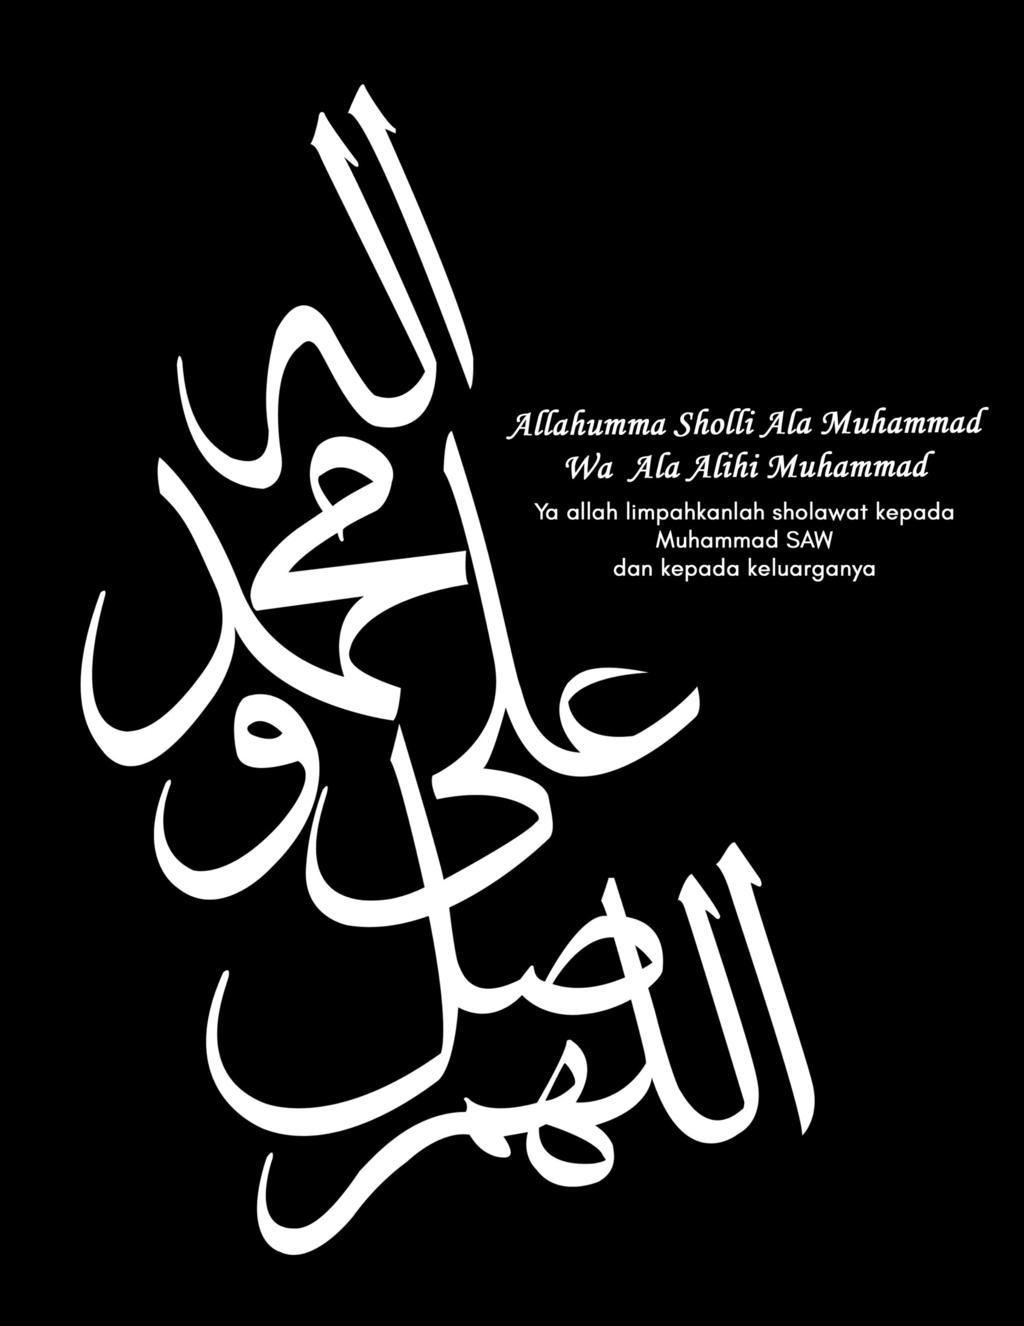 Tulisan Arab Allahumma Sholli Ala Sayyidina Muhammad : tulisan, allahumma, sholli, sayyidina, muhammad, Lirik, Syiir, Sholawat, Thobibi, Qolbi, Latin, Terjemahannya